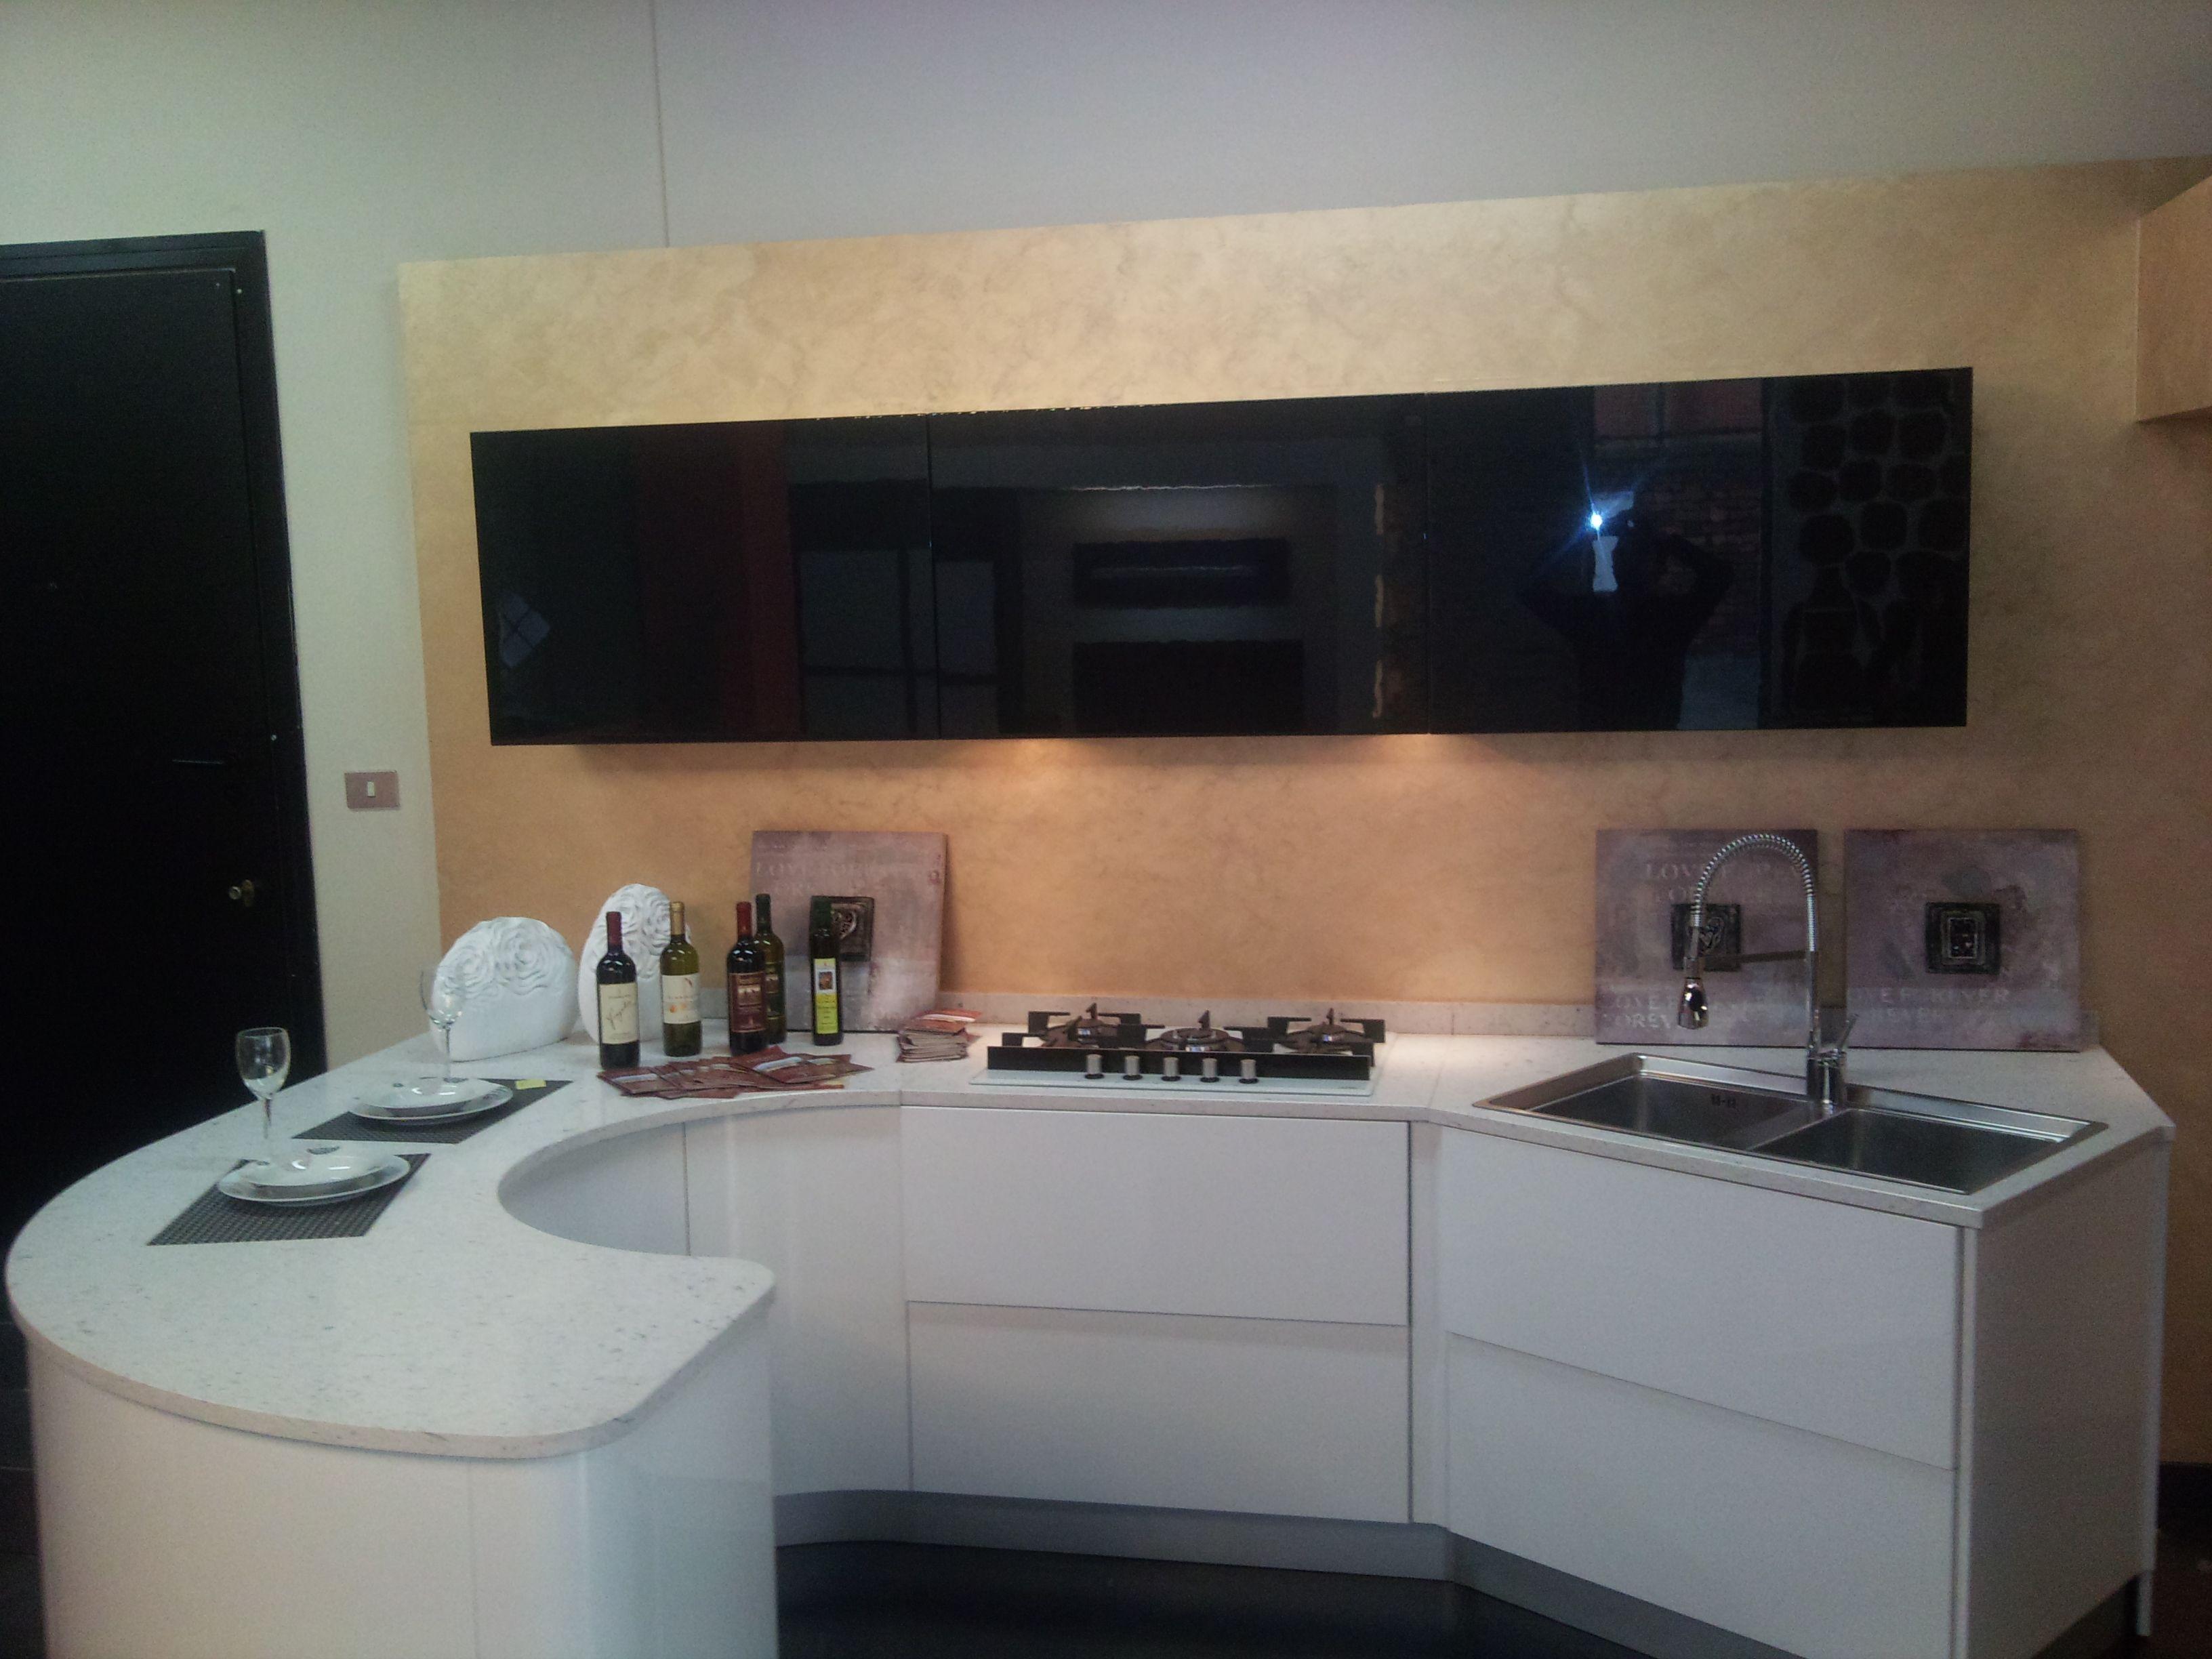 Progetta insieme a noi la tua cucina, vieni a trovarci nel nostro ...